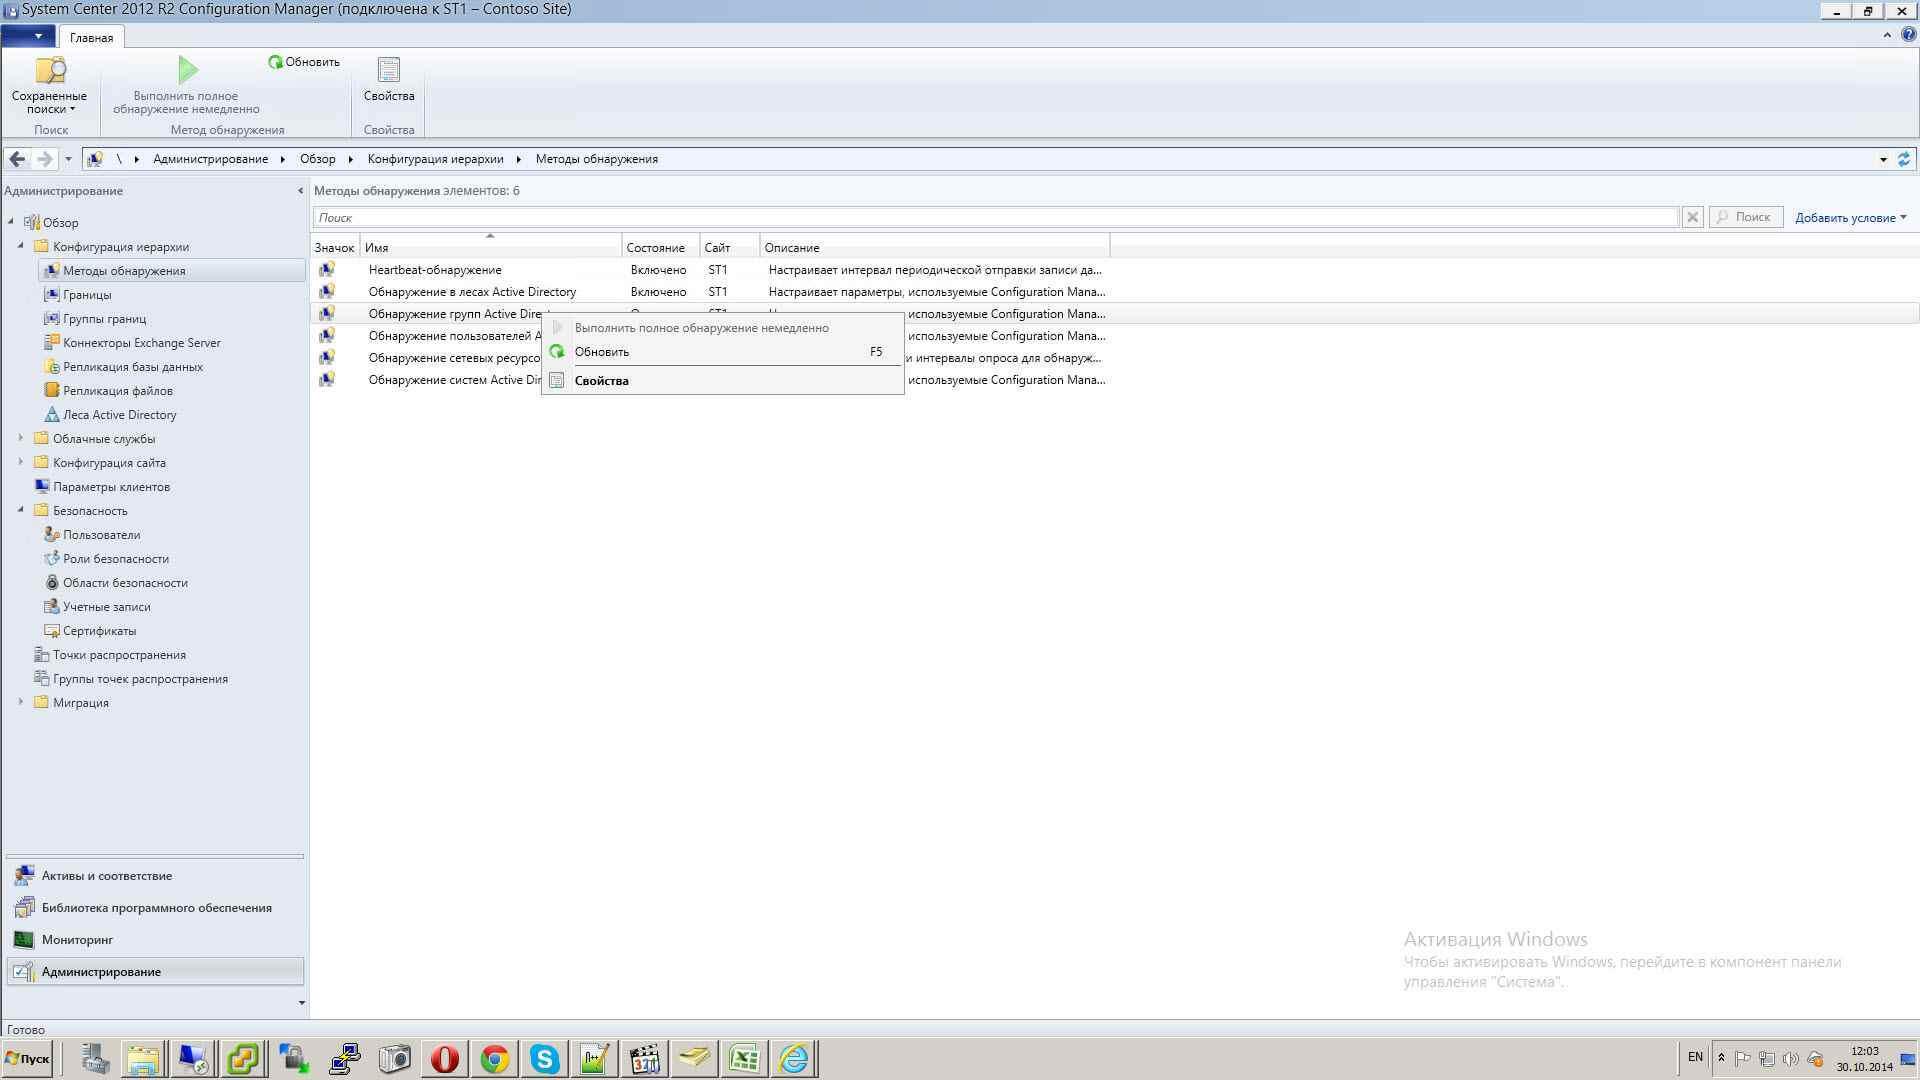 Как установить SCCM (System Center Configuration Manager) 2012R2 в windows server 2012R2 -3 часть. Базовая настройка site server-07